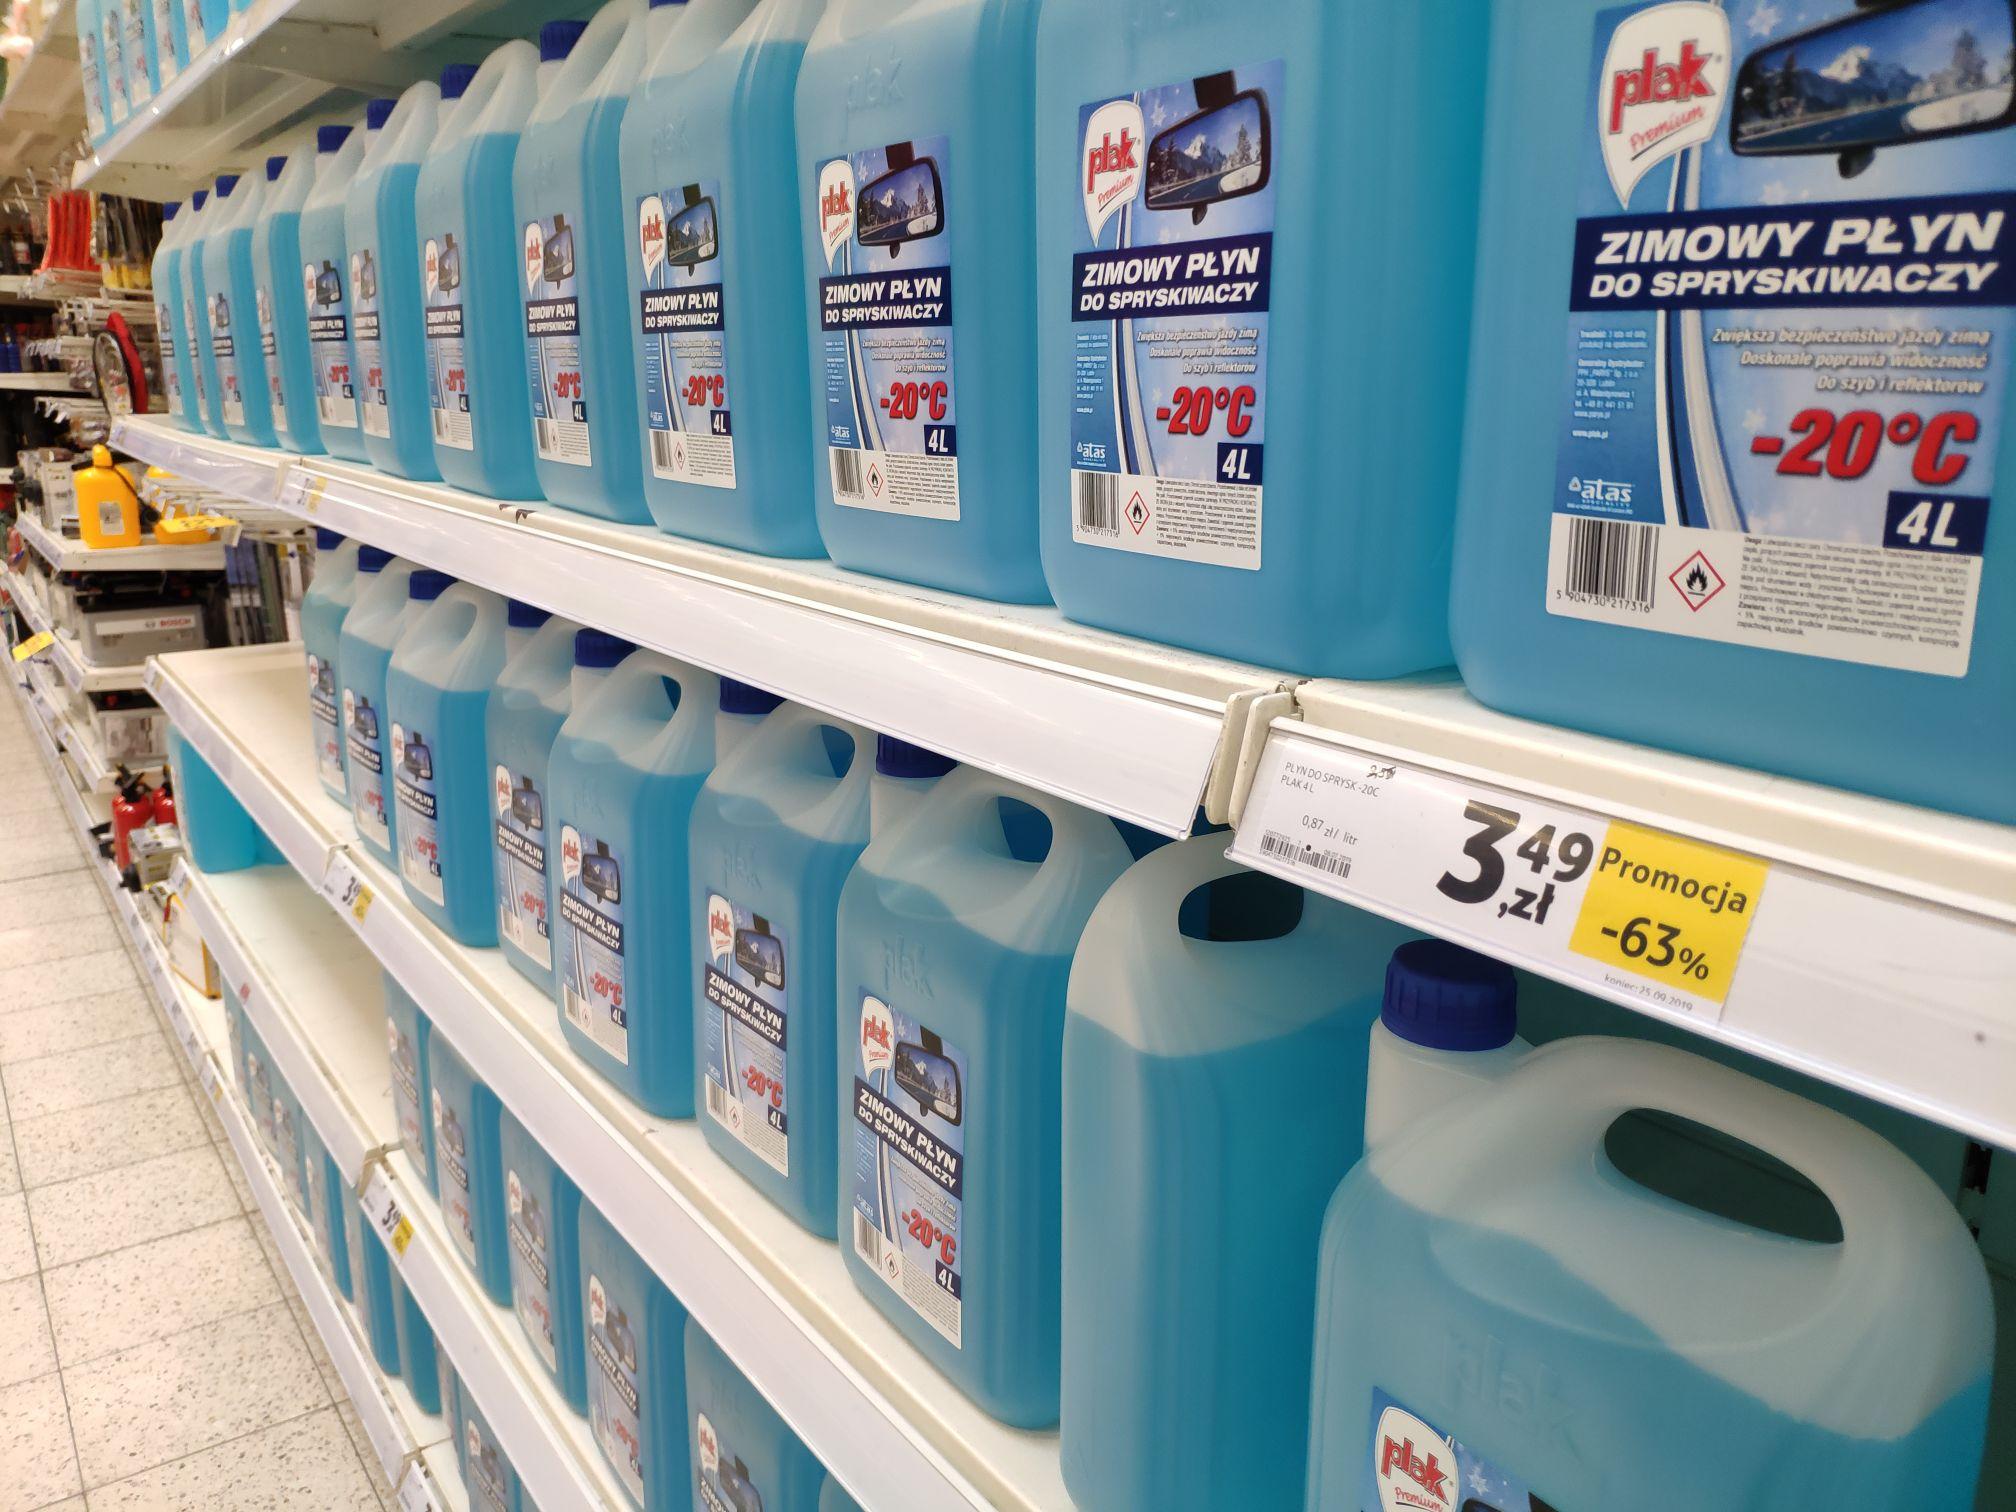 Zimowy płyn do spryskiwaczy PLAK -20C (4litry)